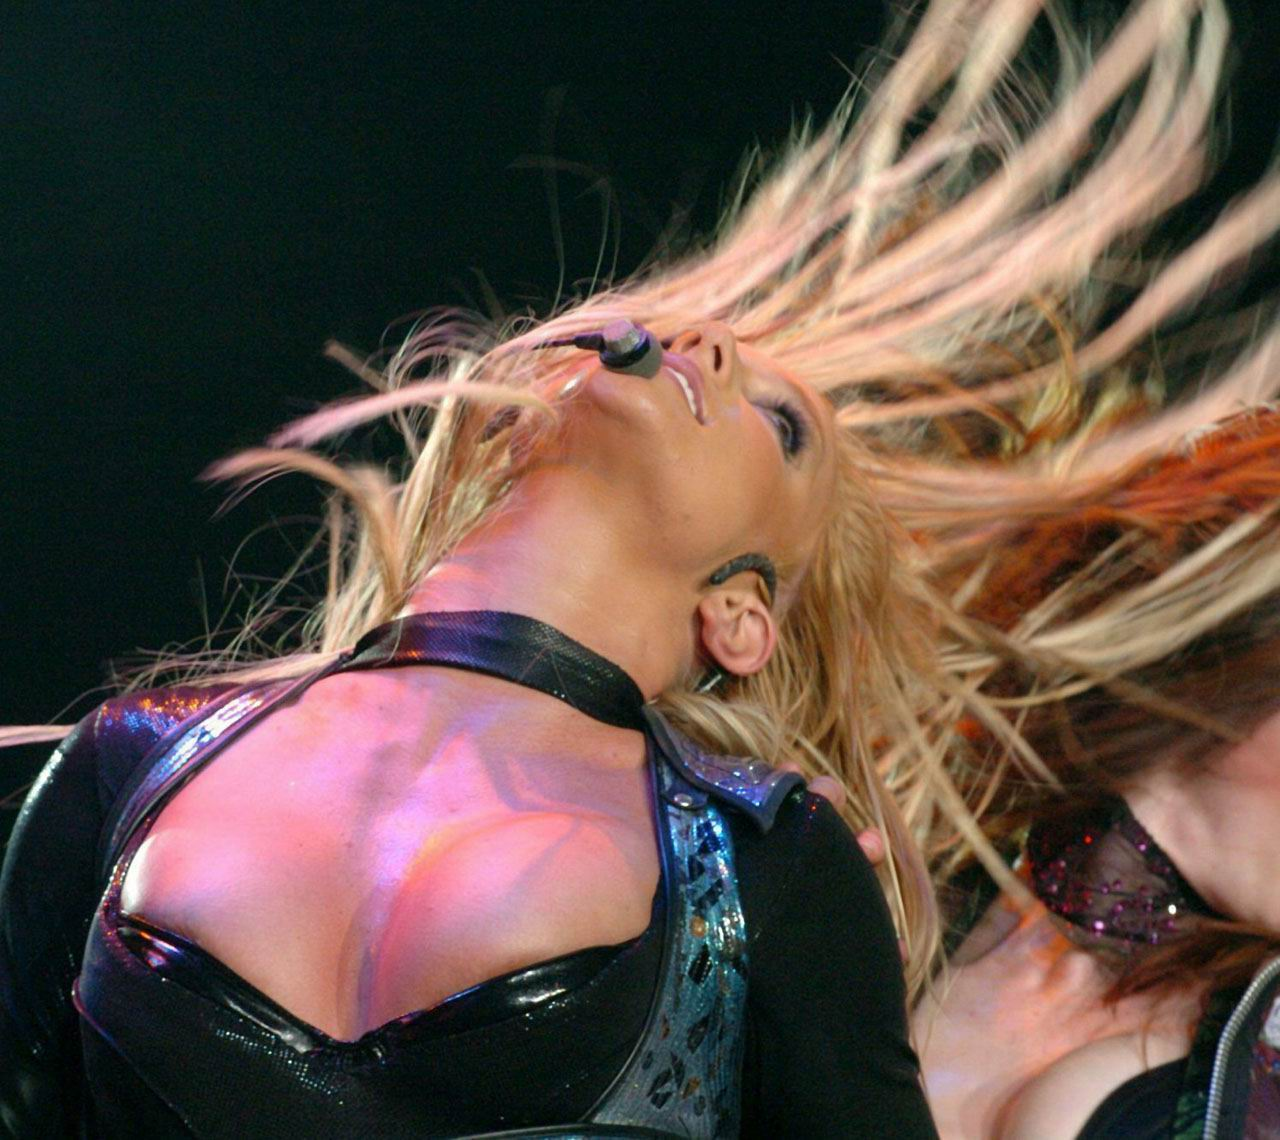 Britney spears work bitch super sexy edit - 1 part 6